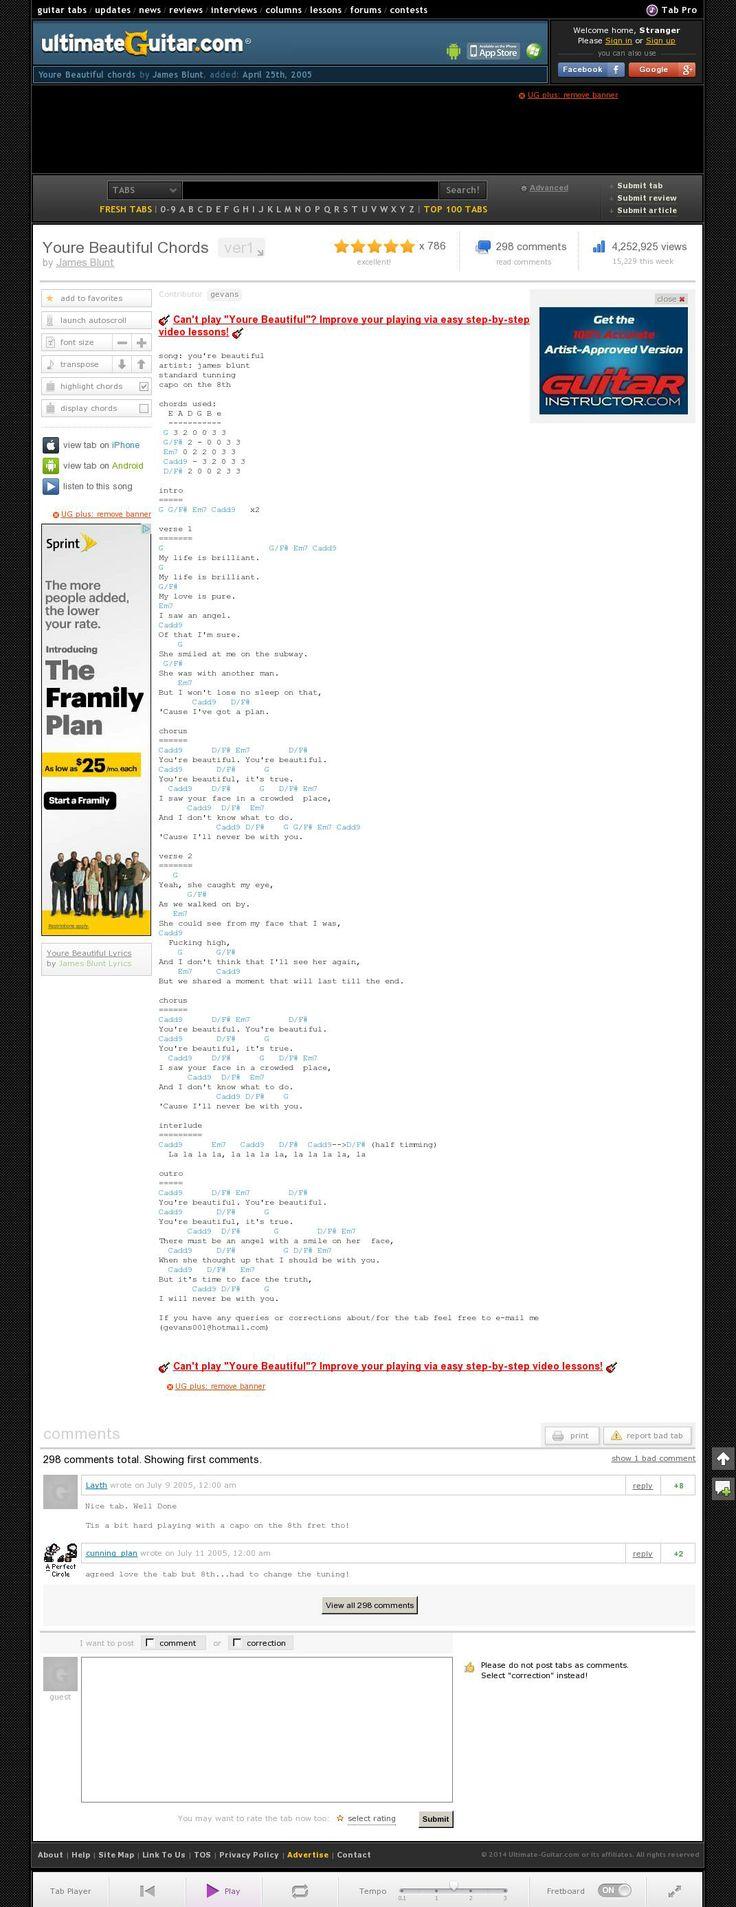 15 Best Music Images On Pinterest Ukulele Songs Bethel Music And